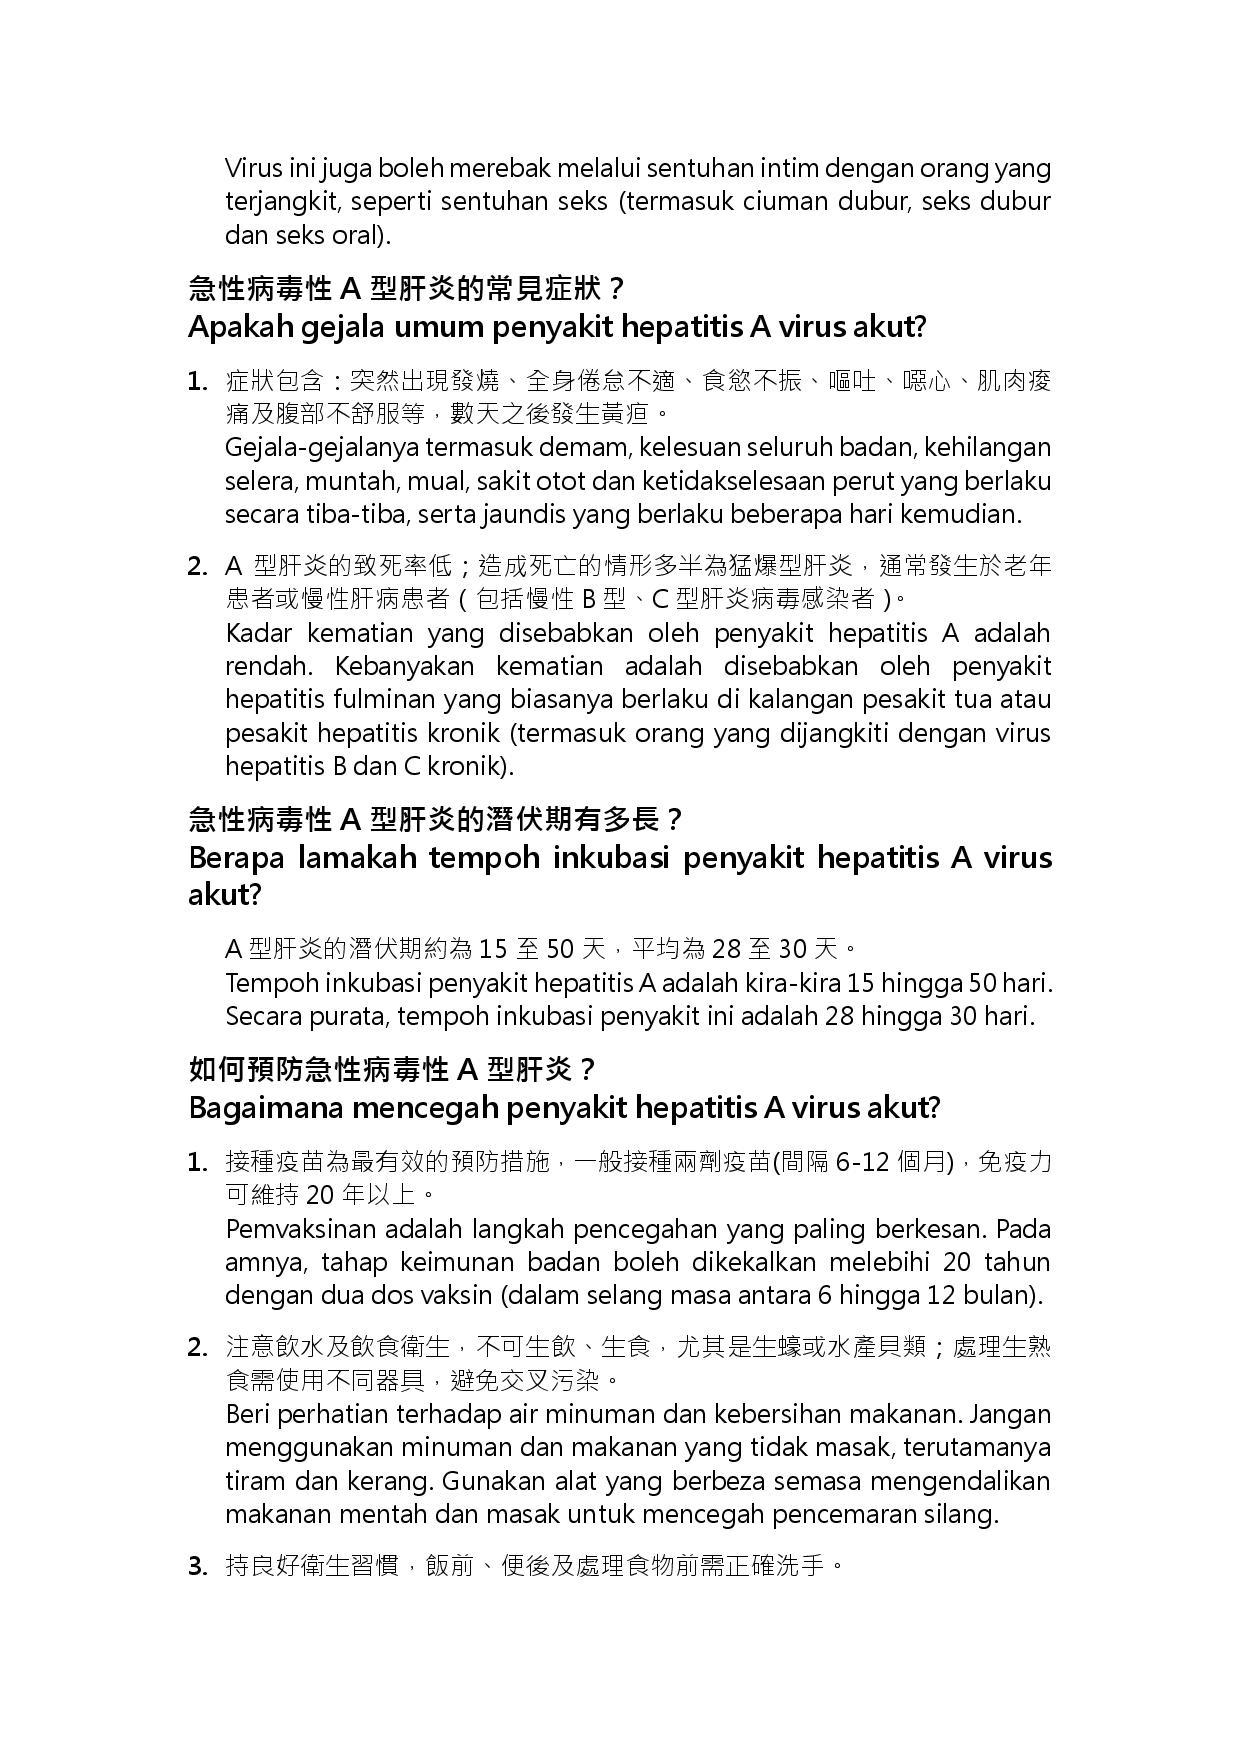 詳如附件【klik saya】mencegah penyakit hepatitis A akut(Halaman 2)預防急性病毒性A型肝炎,接種疫苗最有效(馬來文)